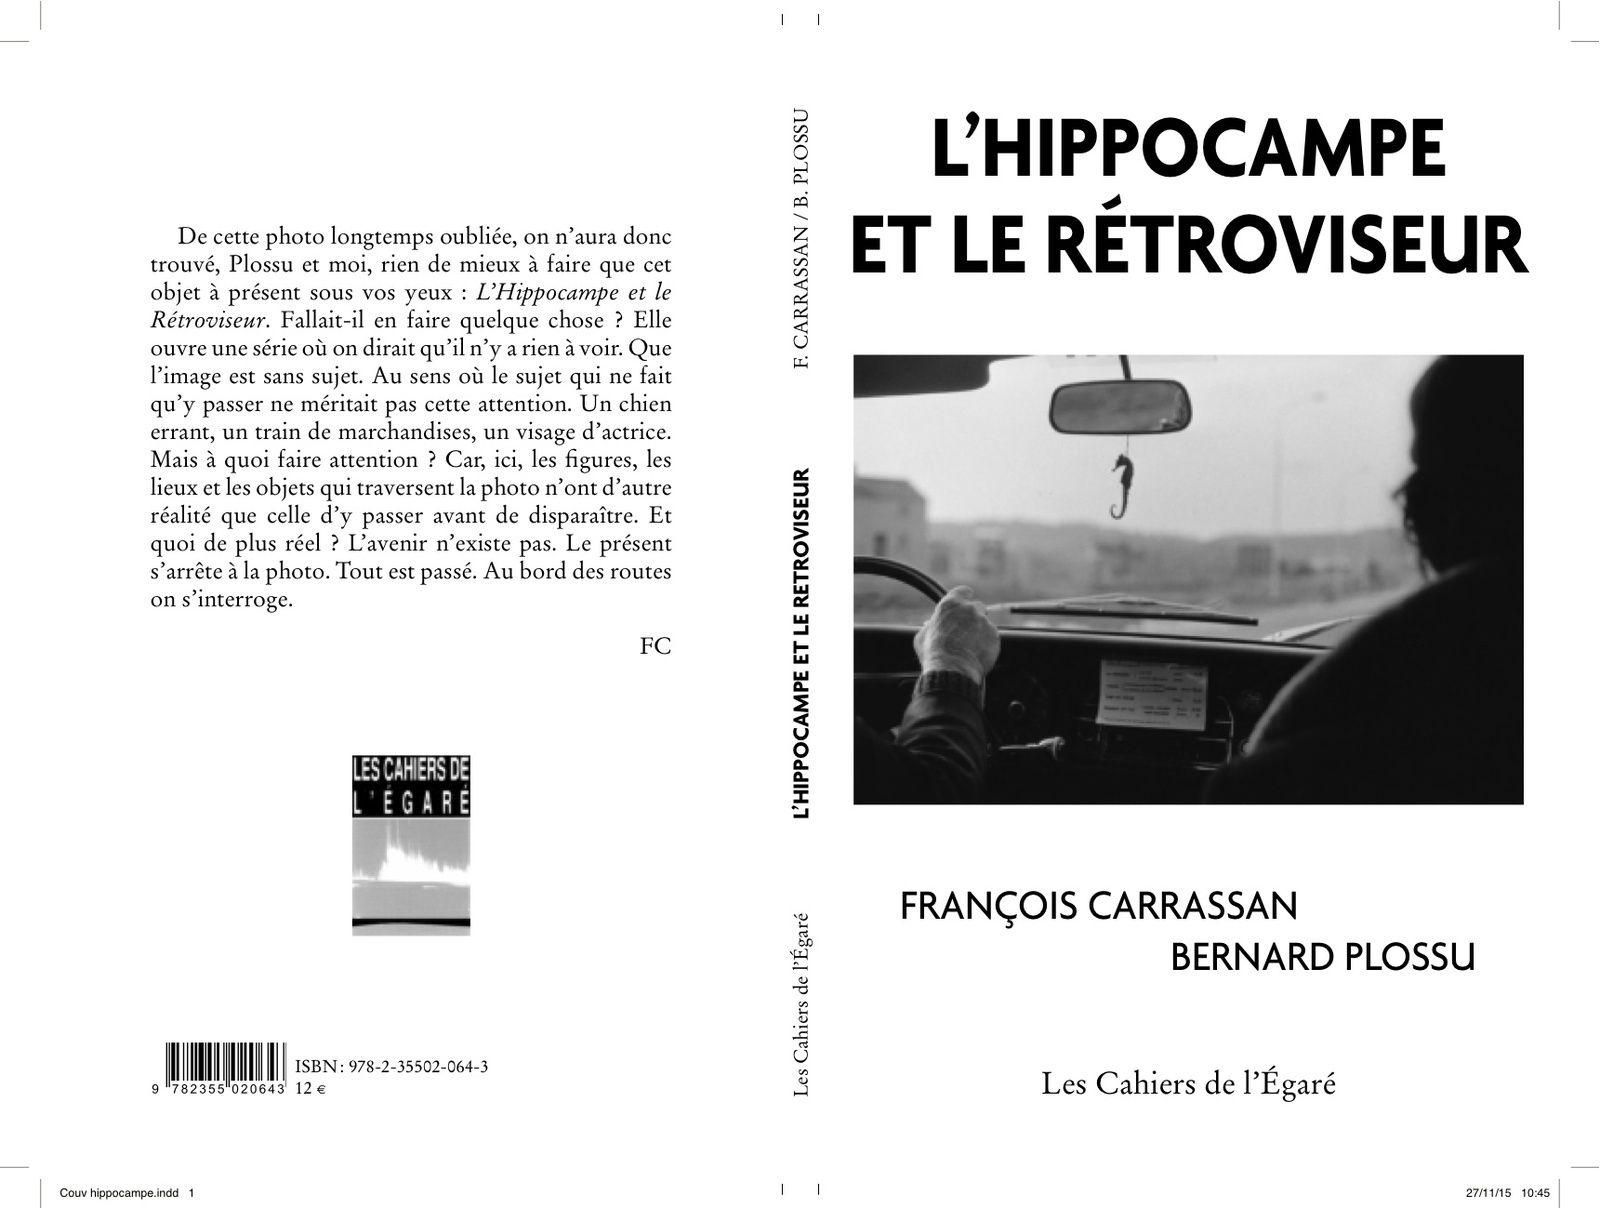 Catalogue 2015 des Cahiers de l'Égaré